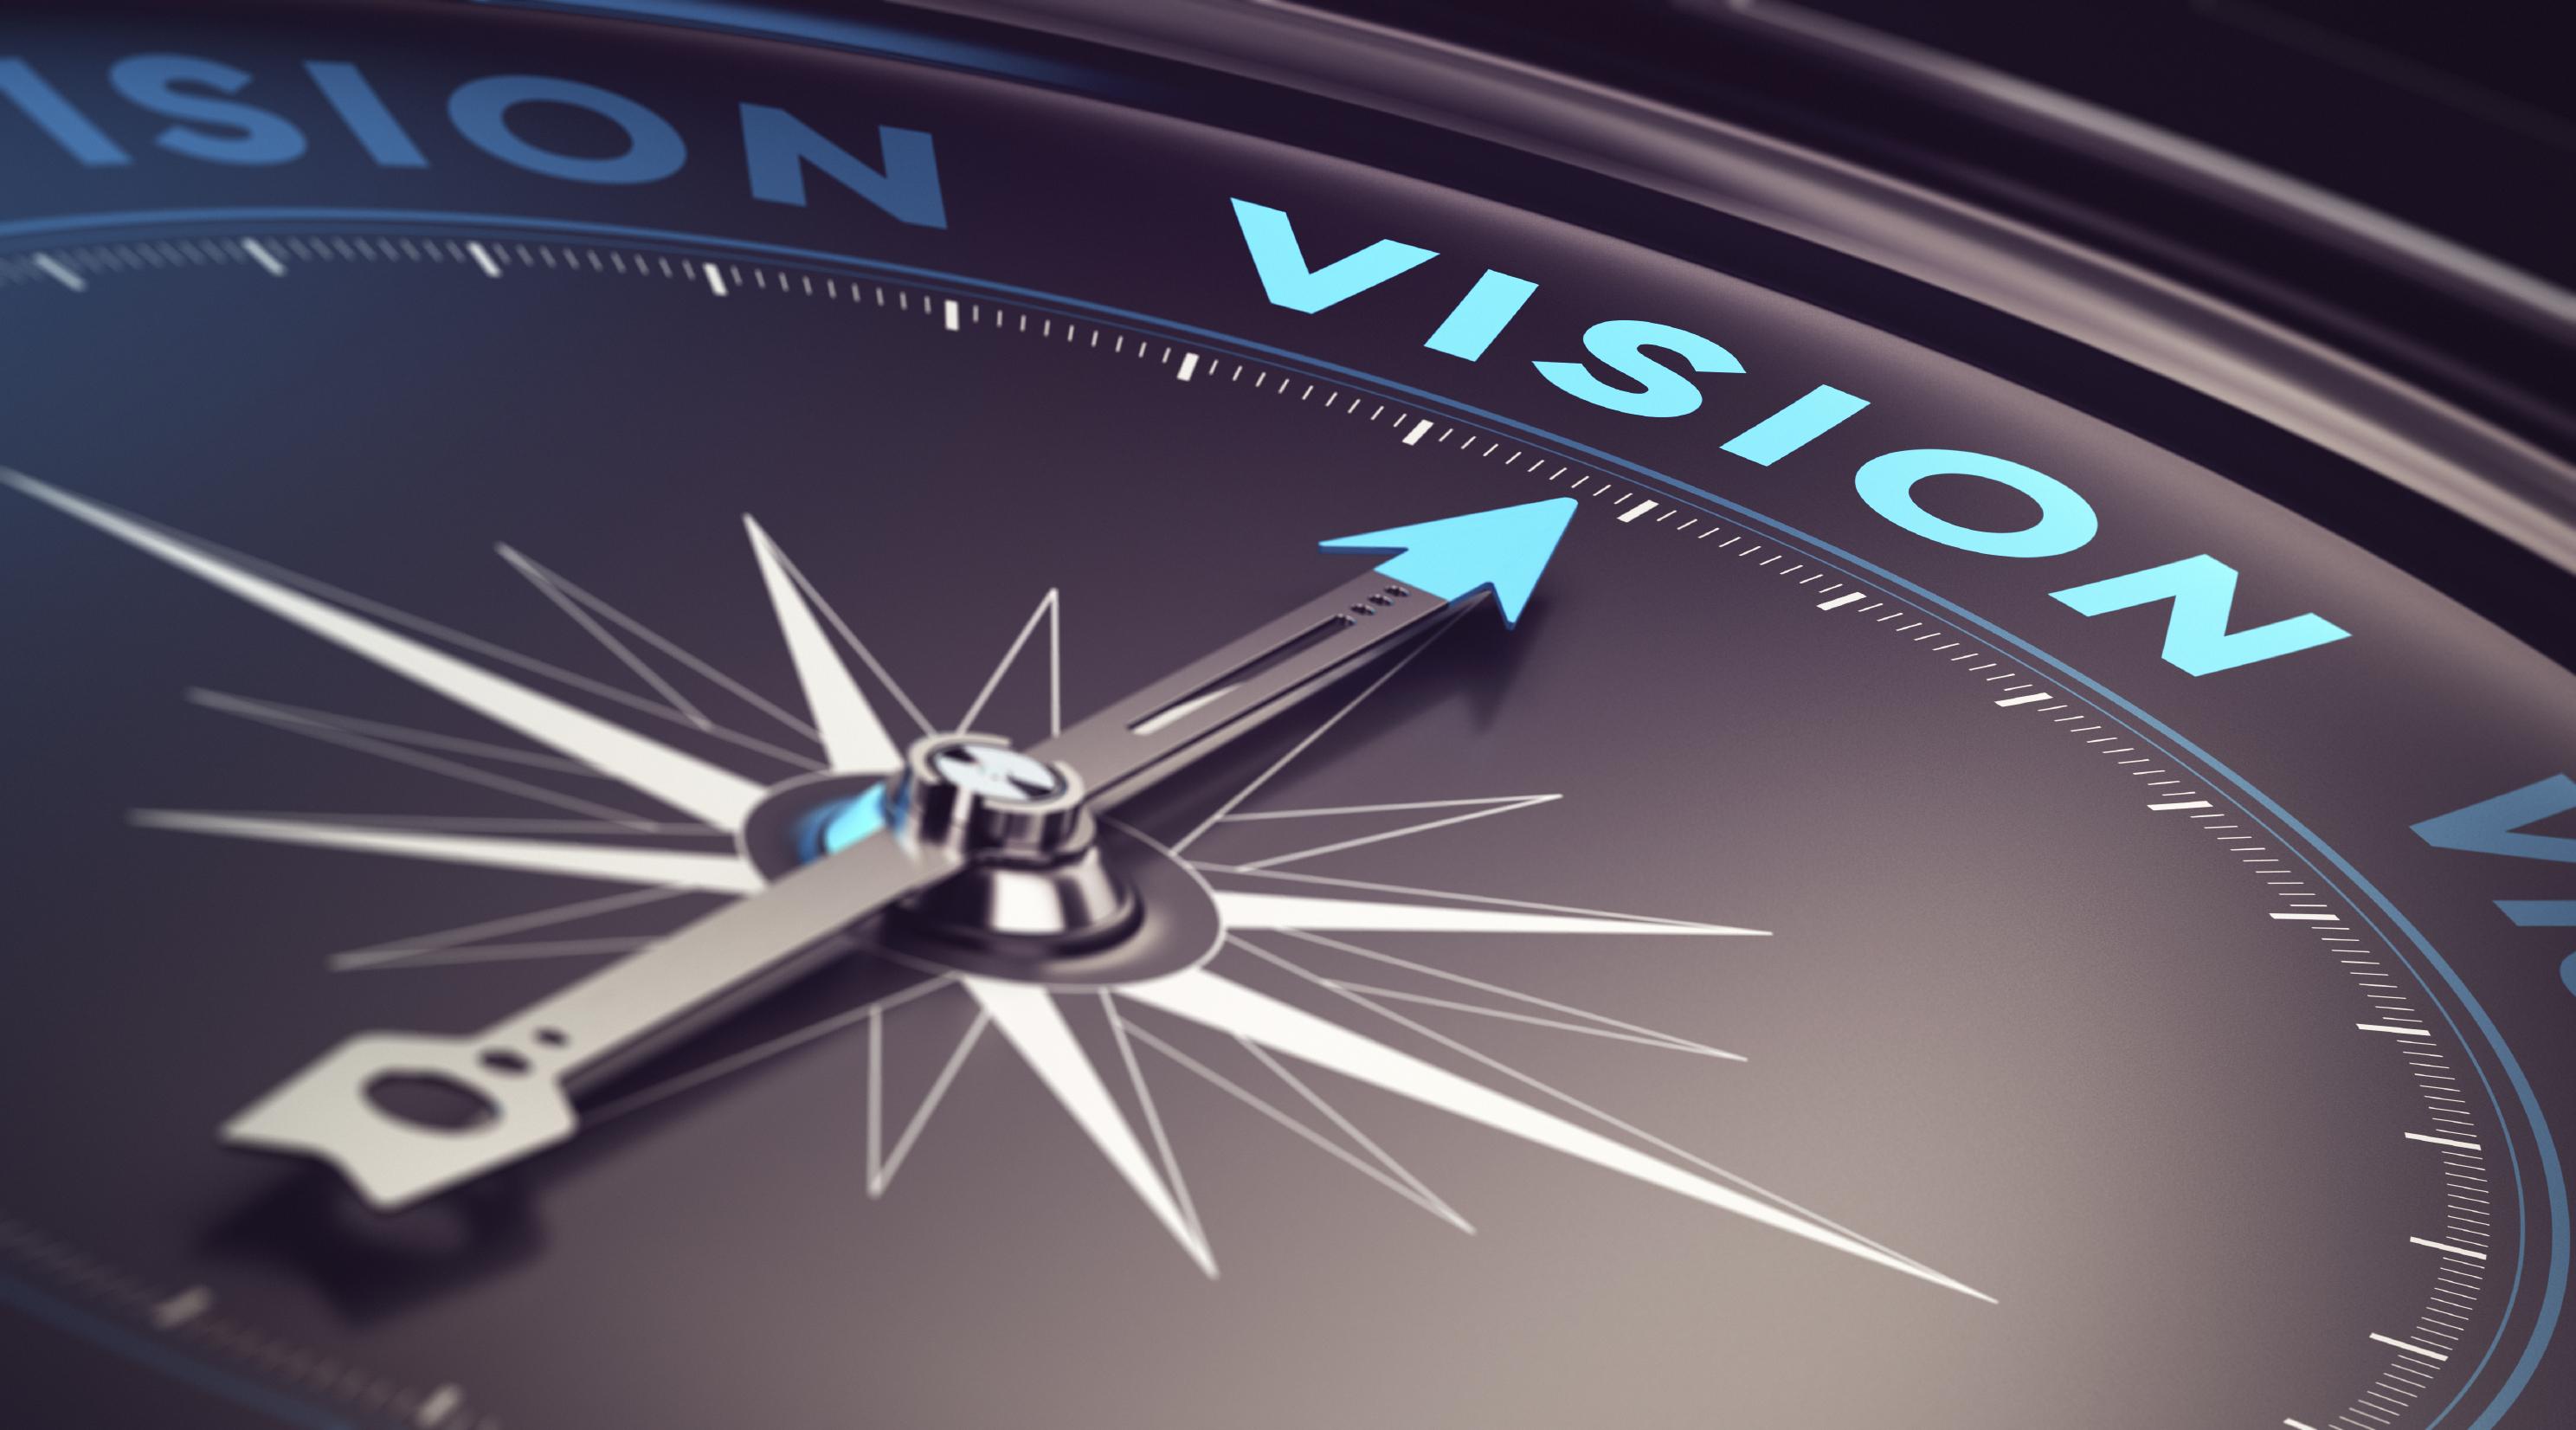 Tuwag mit AWK Vision entwickelt